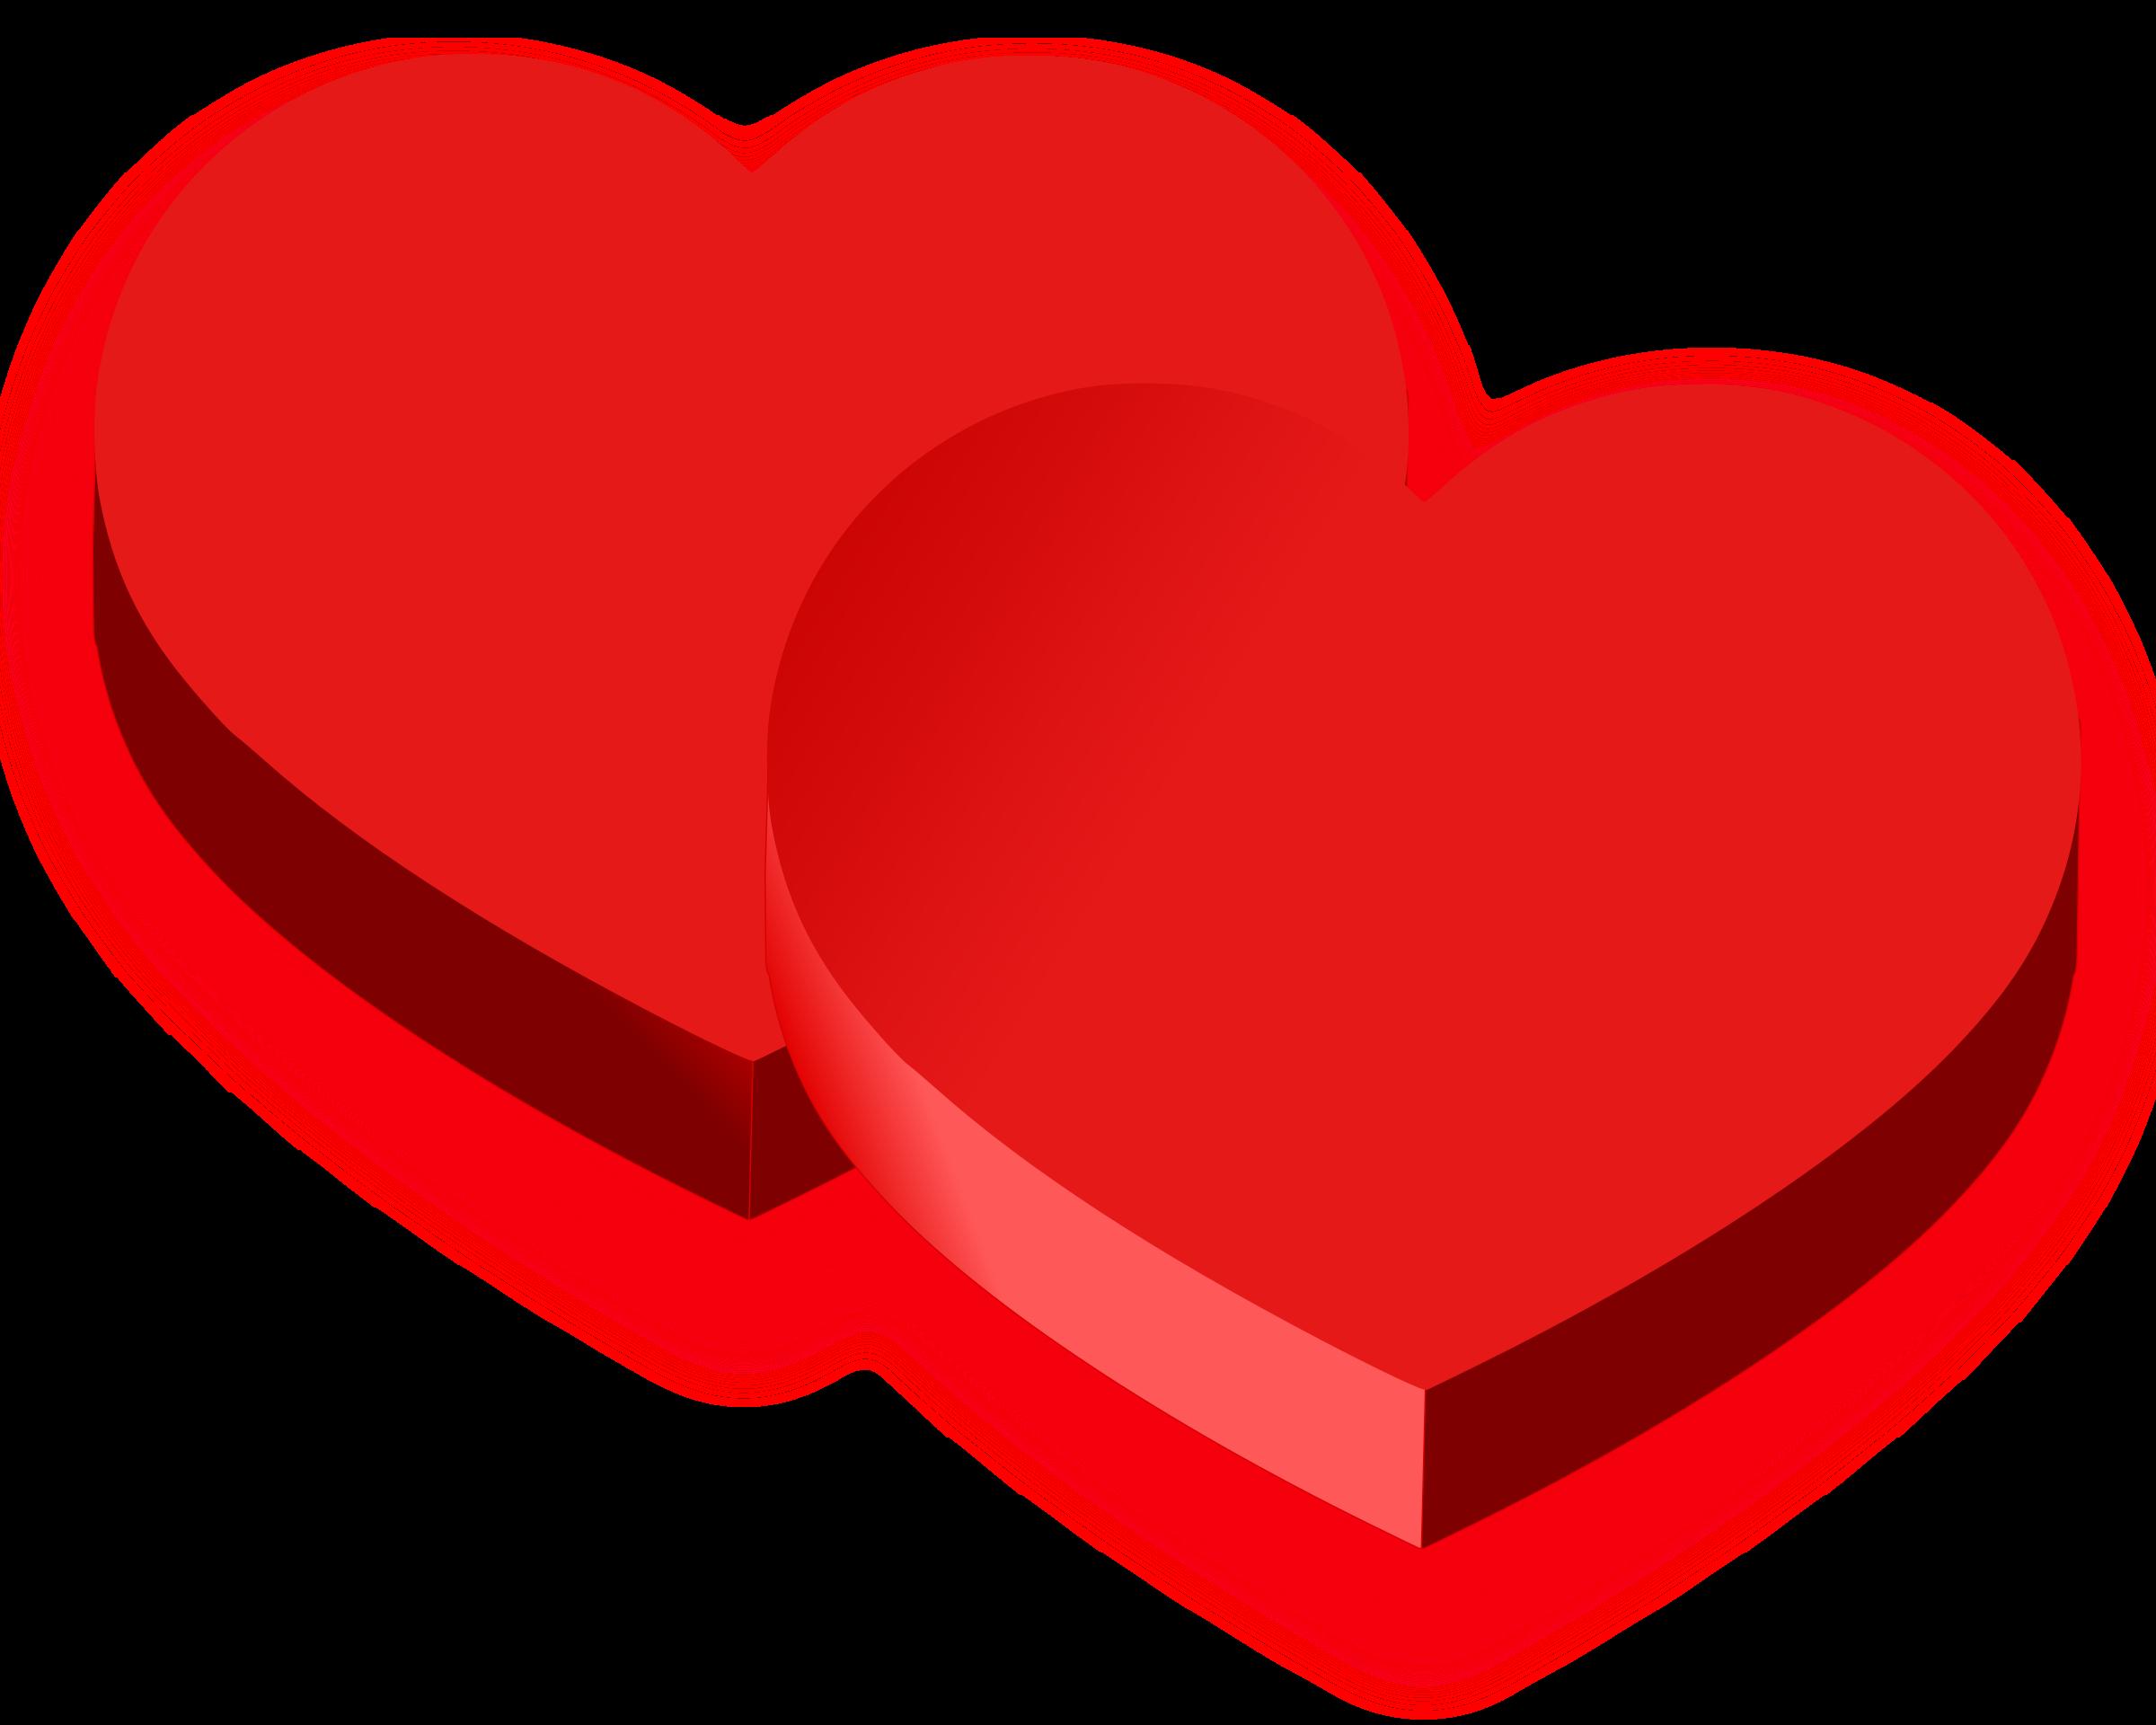 clipart cuori rossi love heart clipart no background love heart clipart gif